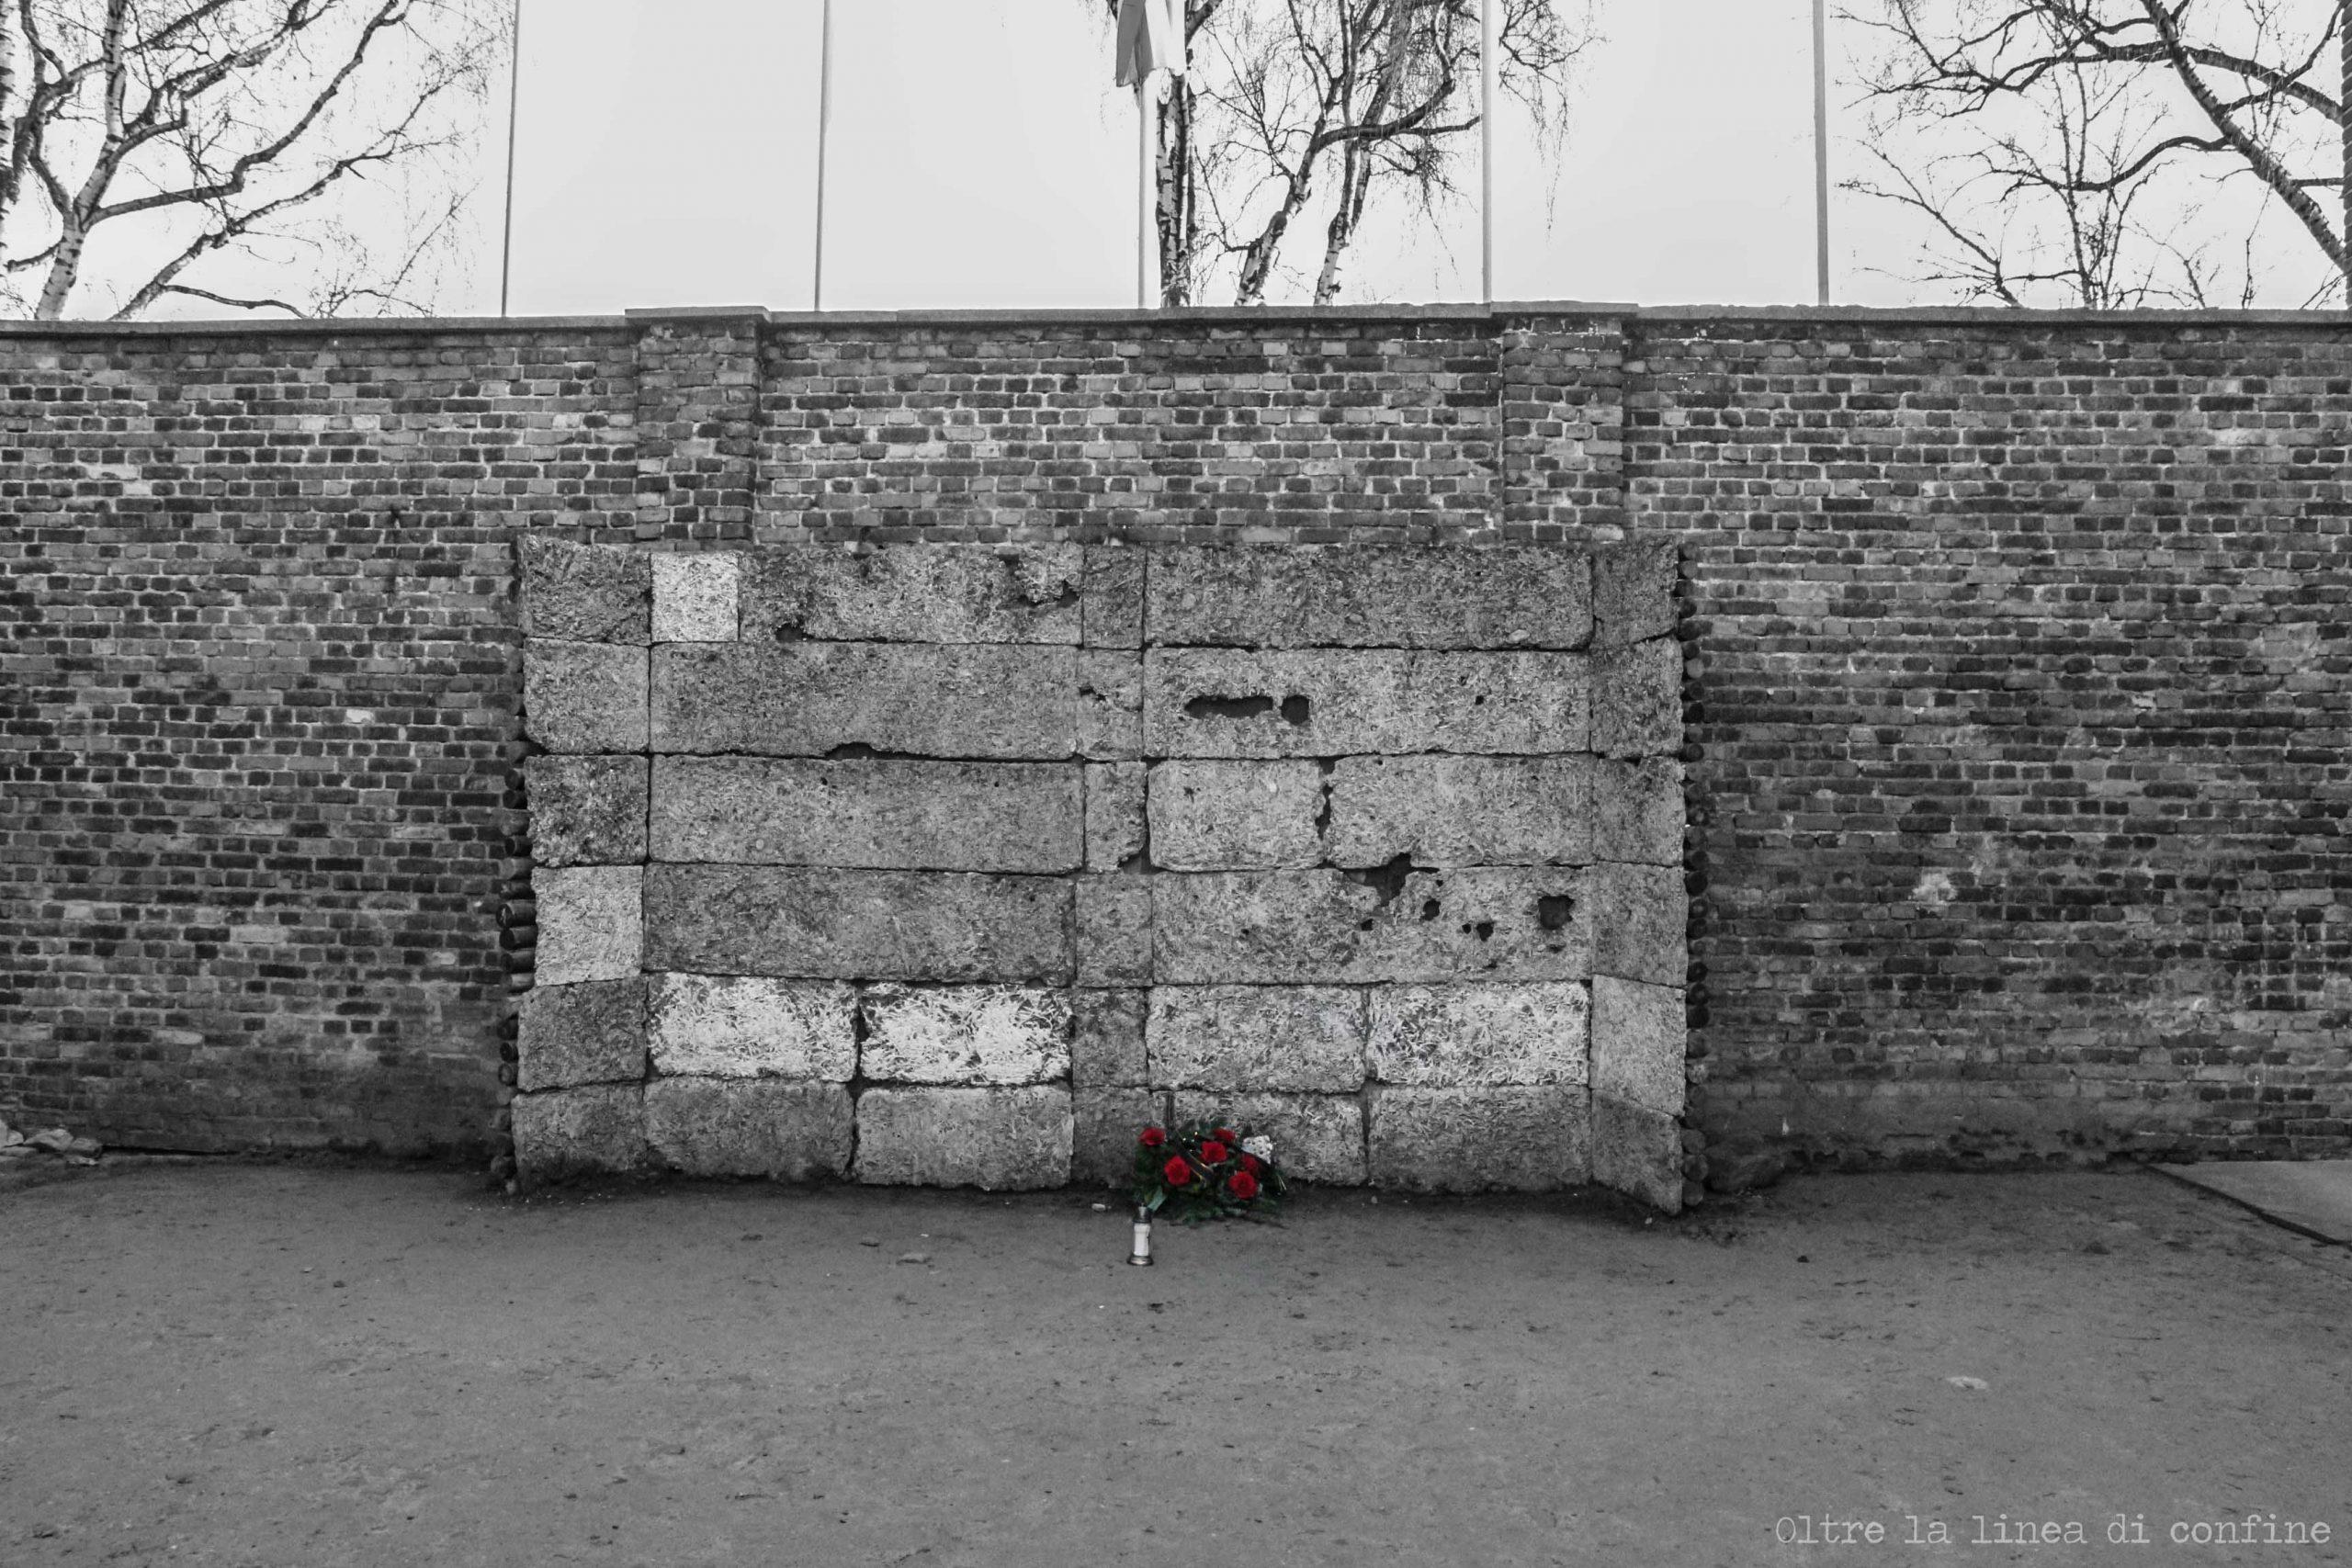 Auschwitz Block of Death - Auschwitz Blocco Esecuzioni